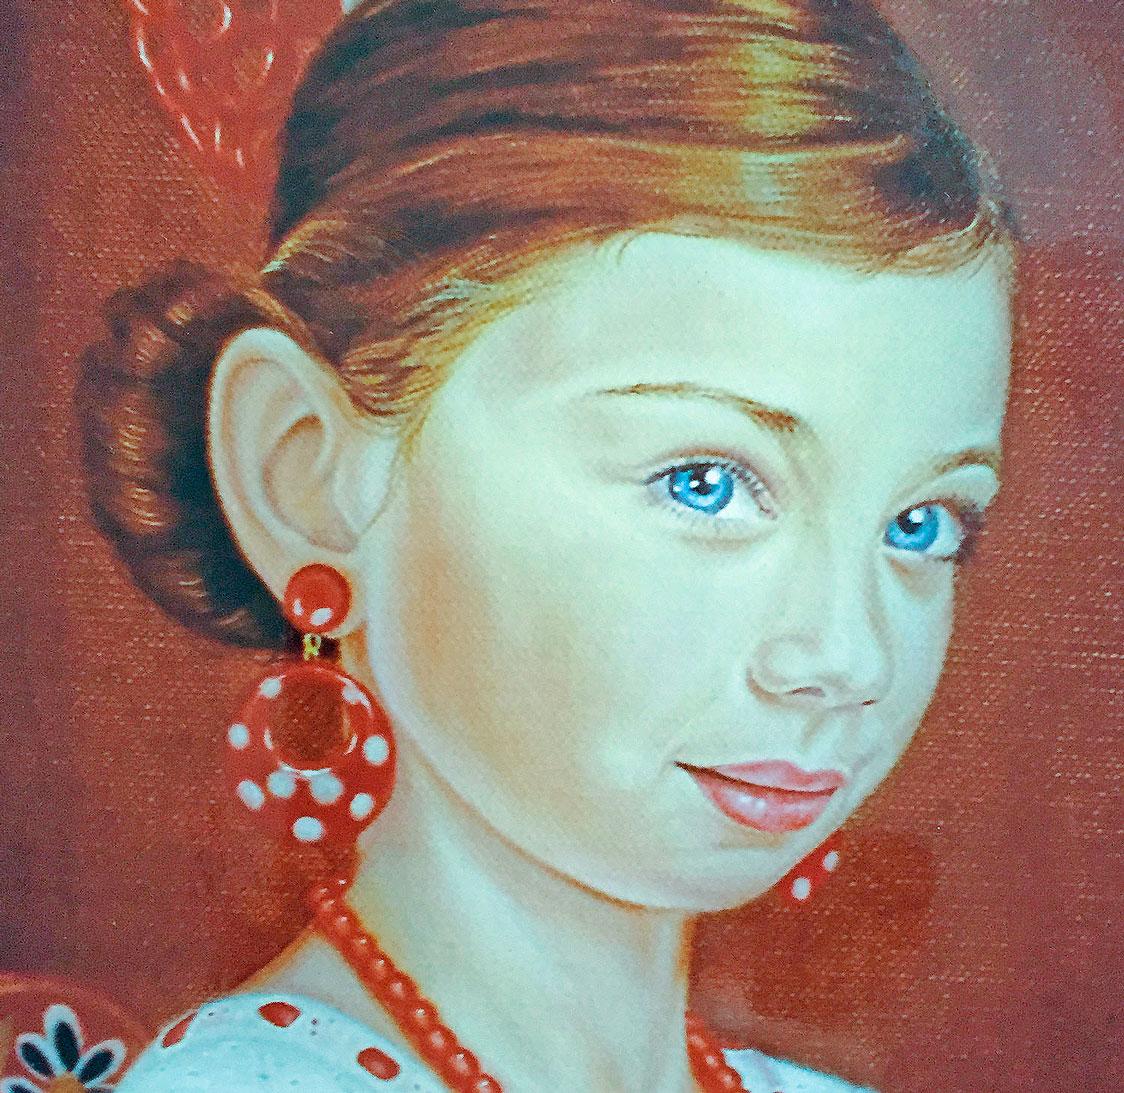 Old Masters techniques portrait